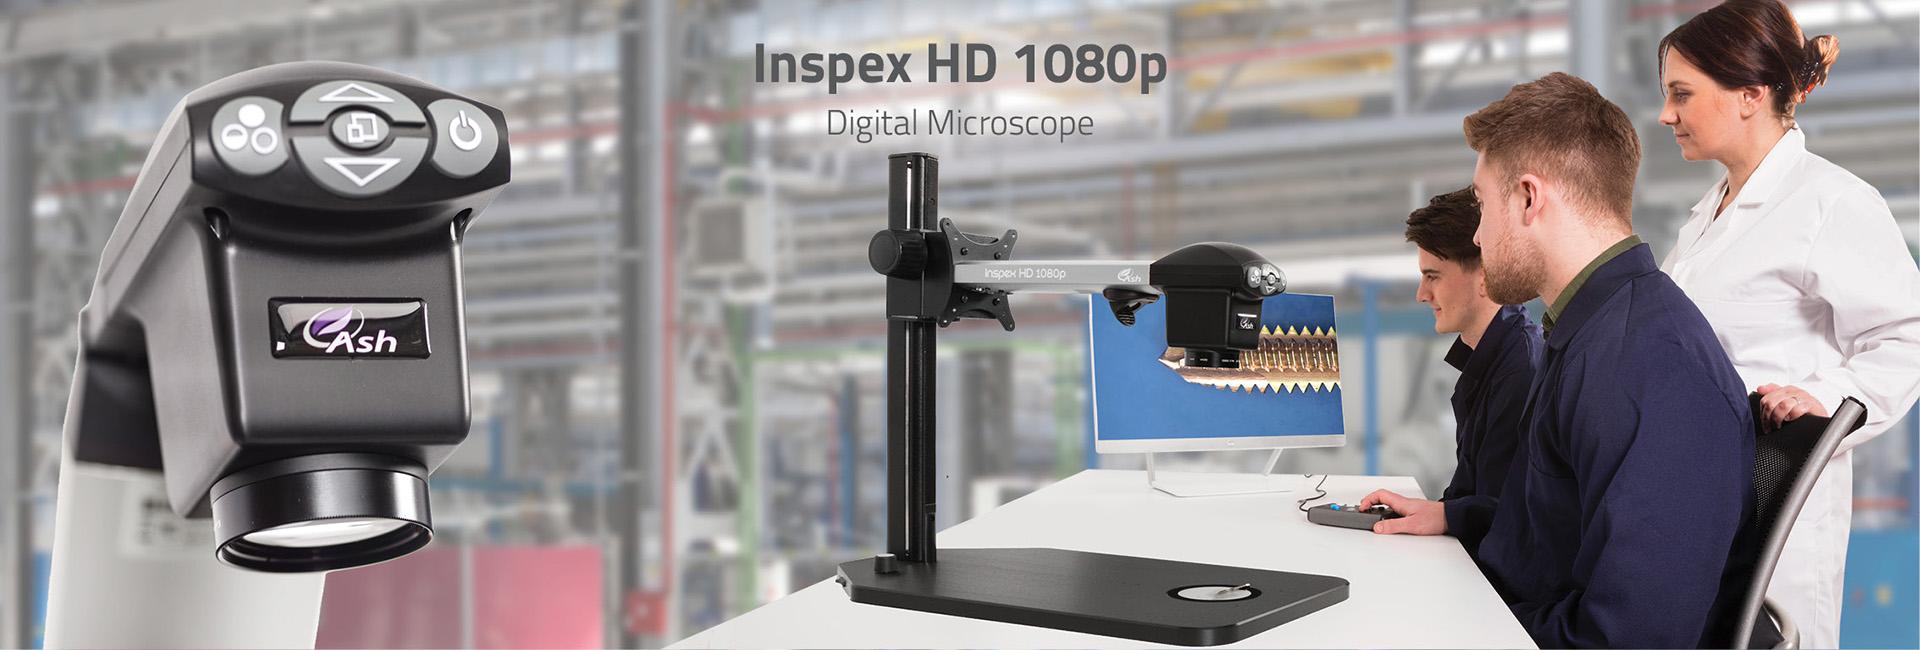 inspex-hd-1080p-vesa-banner